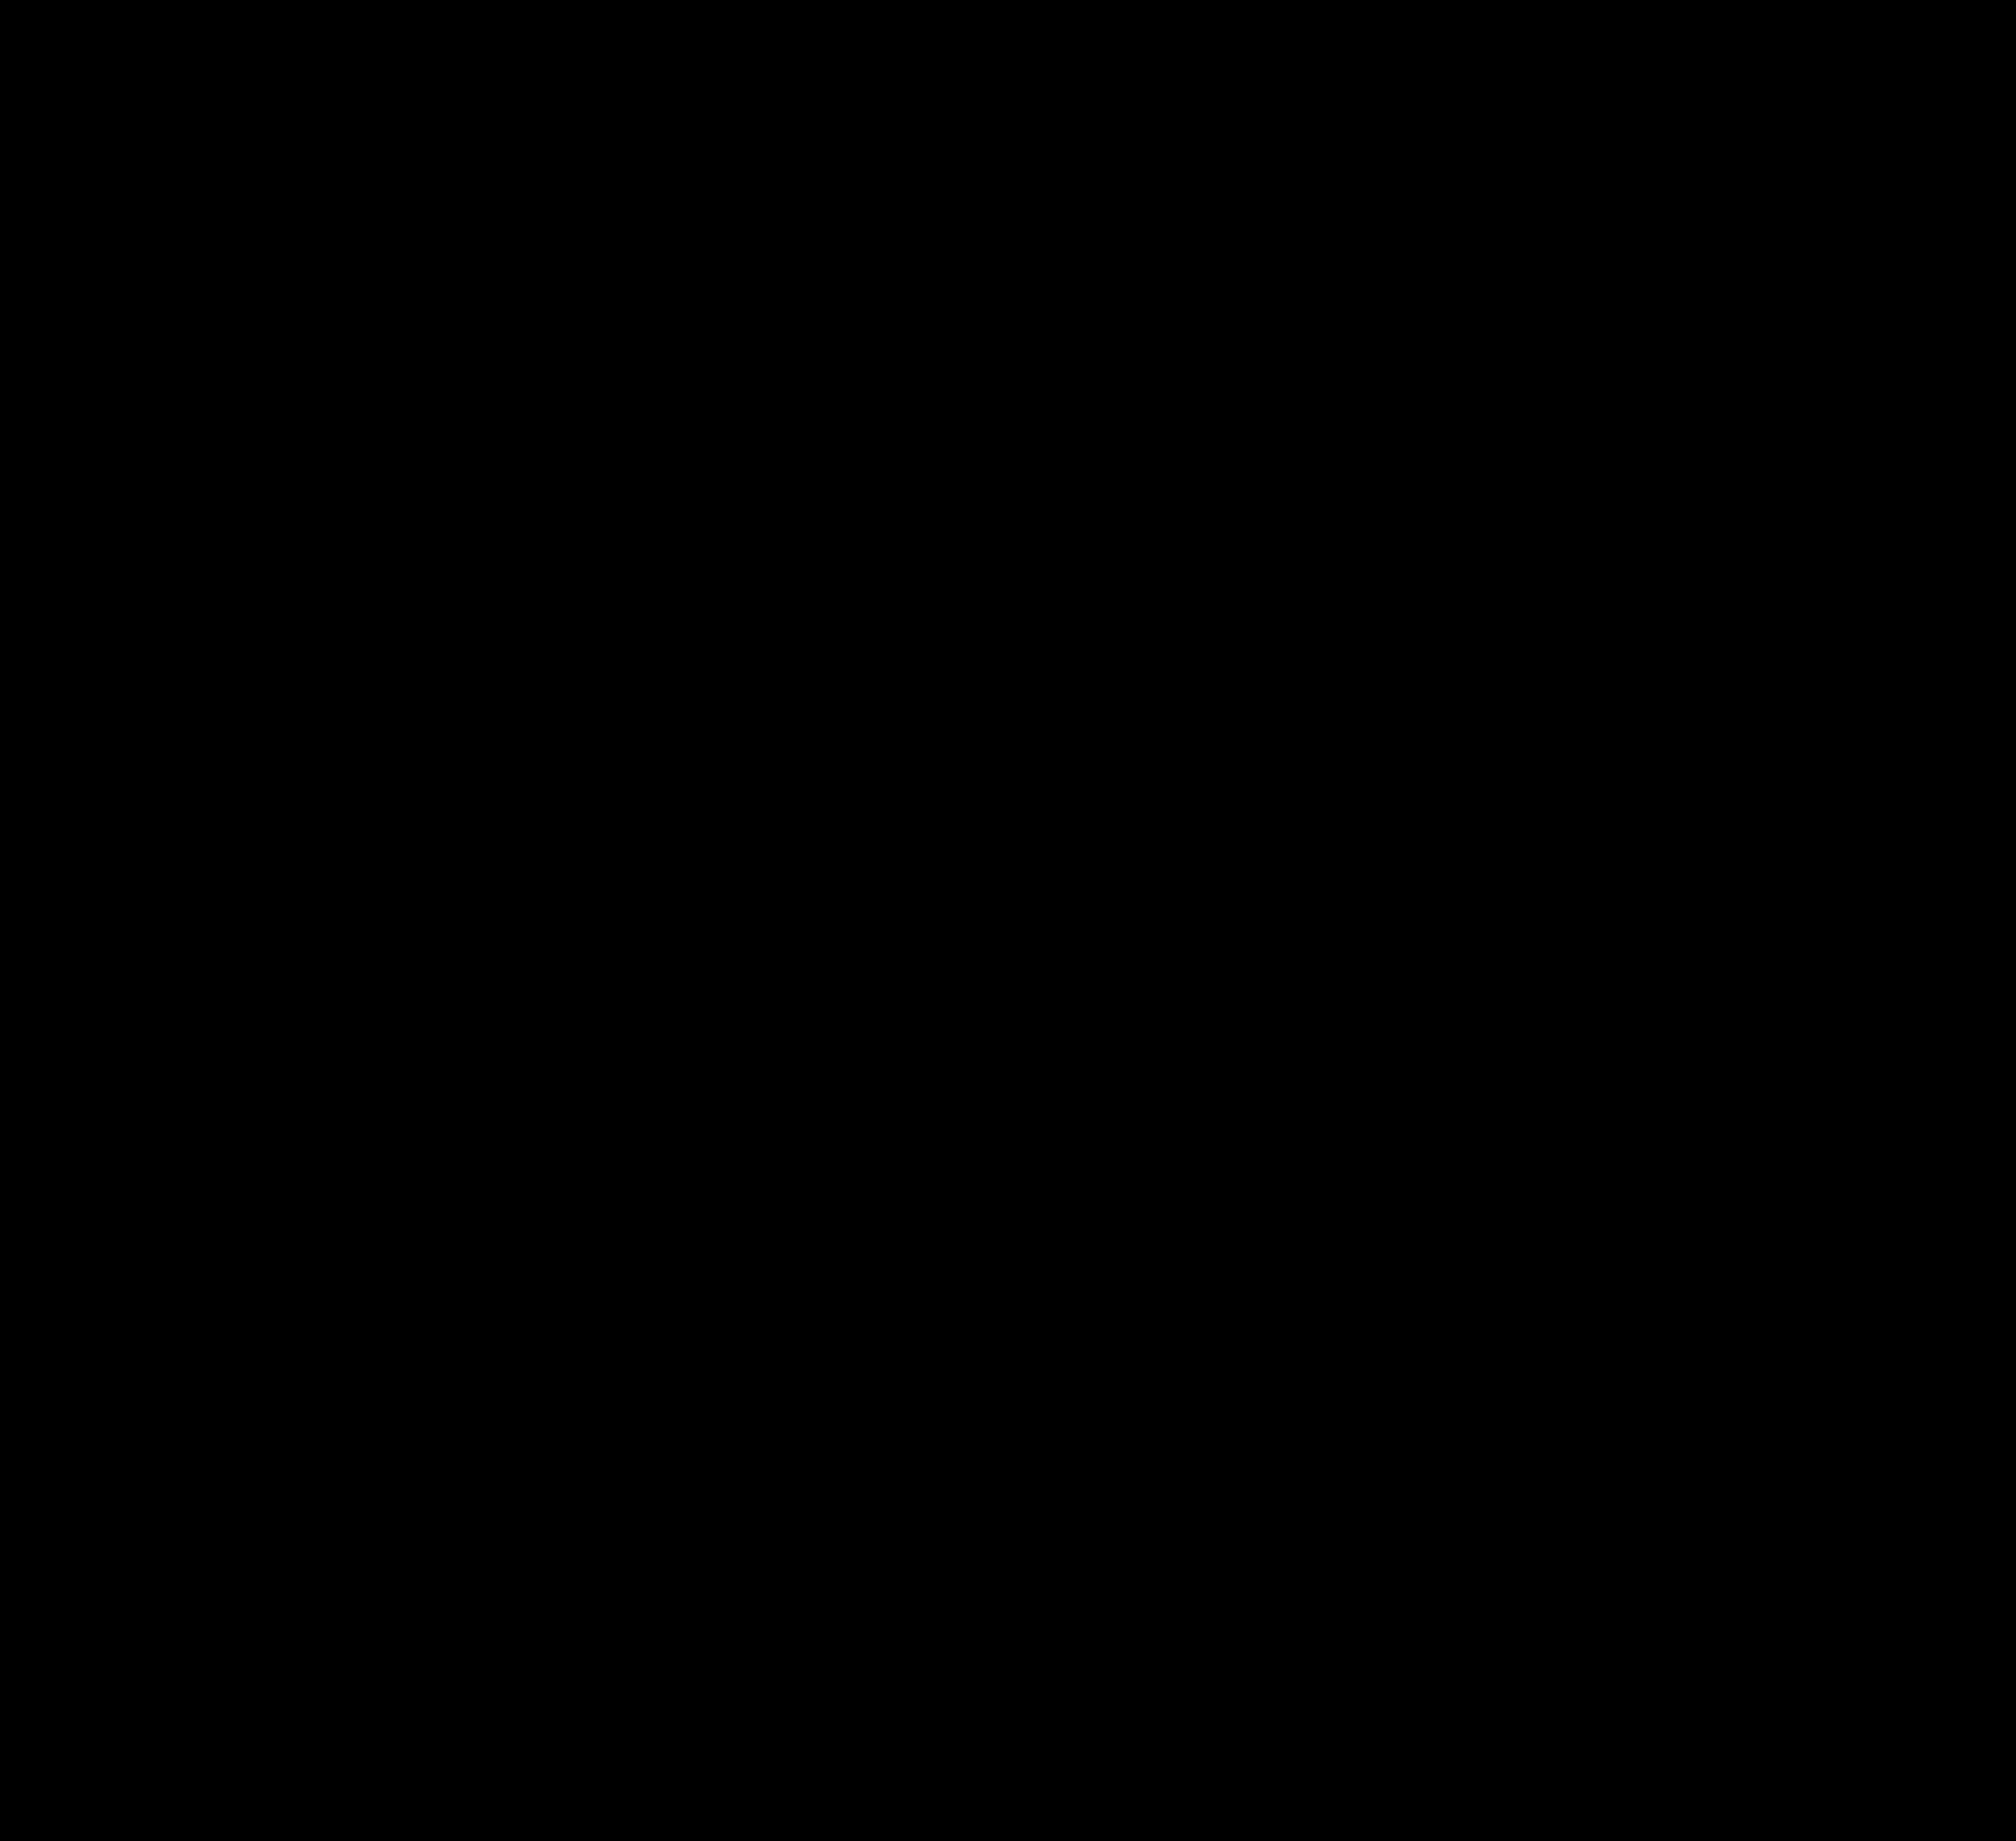 Il manuale del controllo finanziario